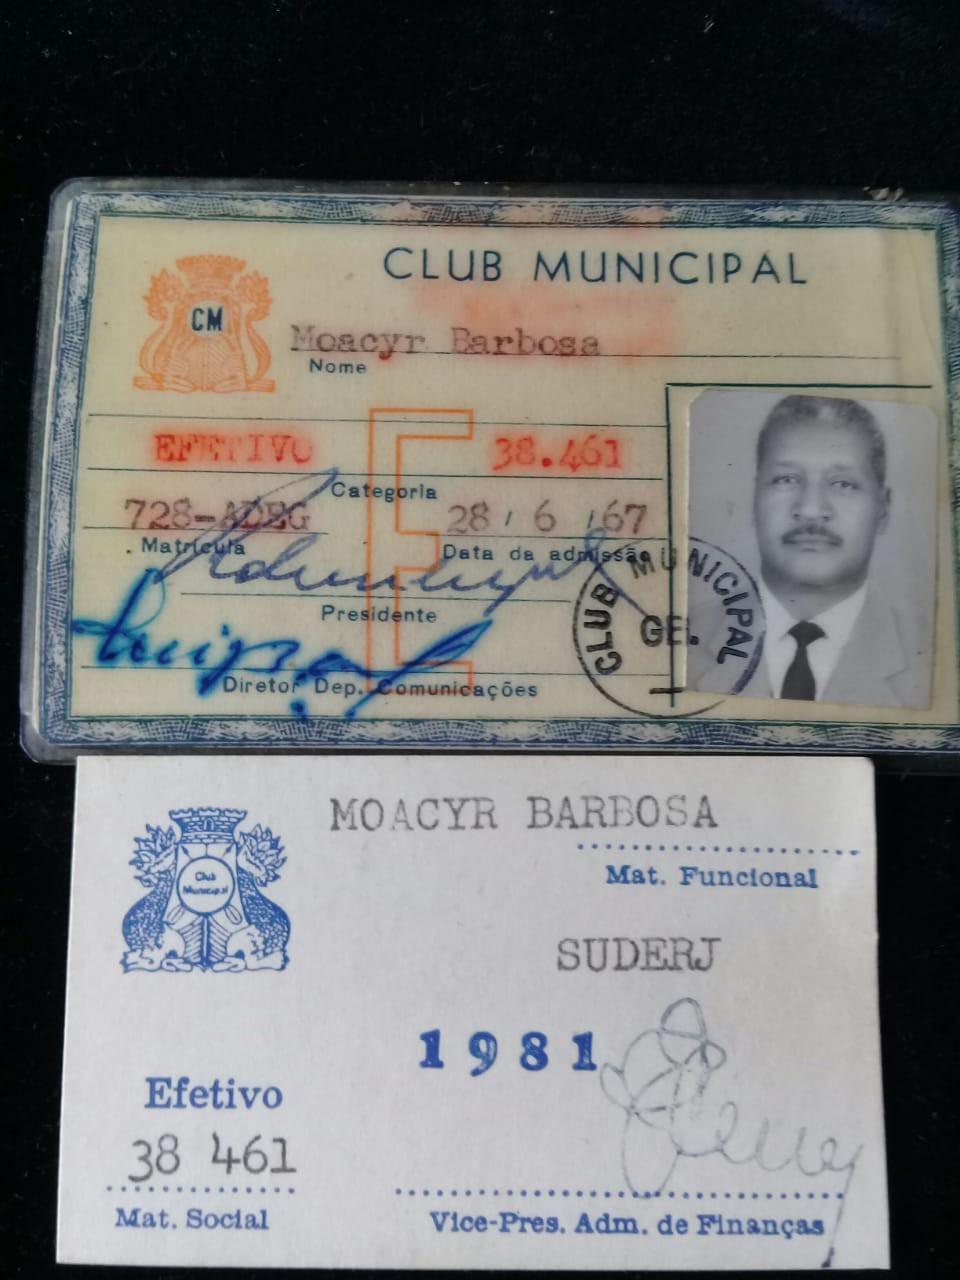 Barbosa trabalhou na Suderj e no Club Municipal depois da aposentadoria - Acervo pessoal Tereza Borba